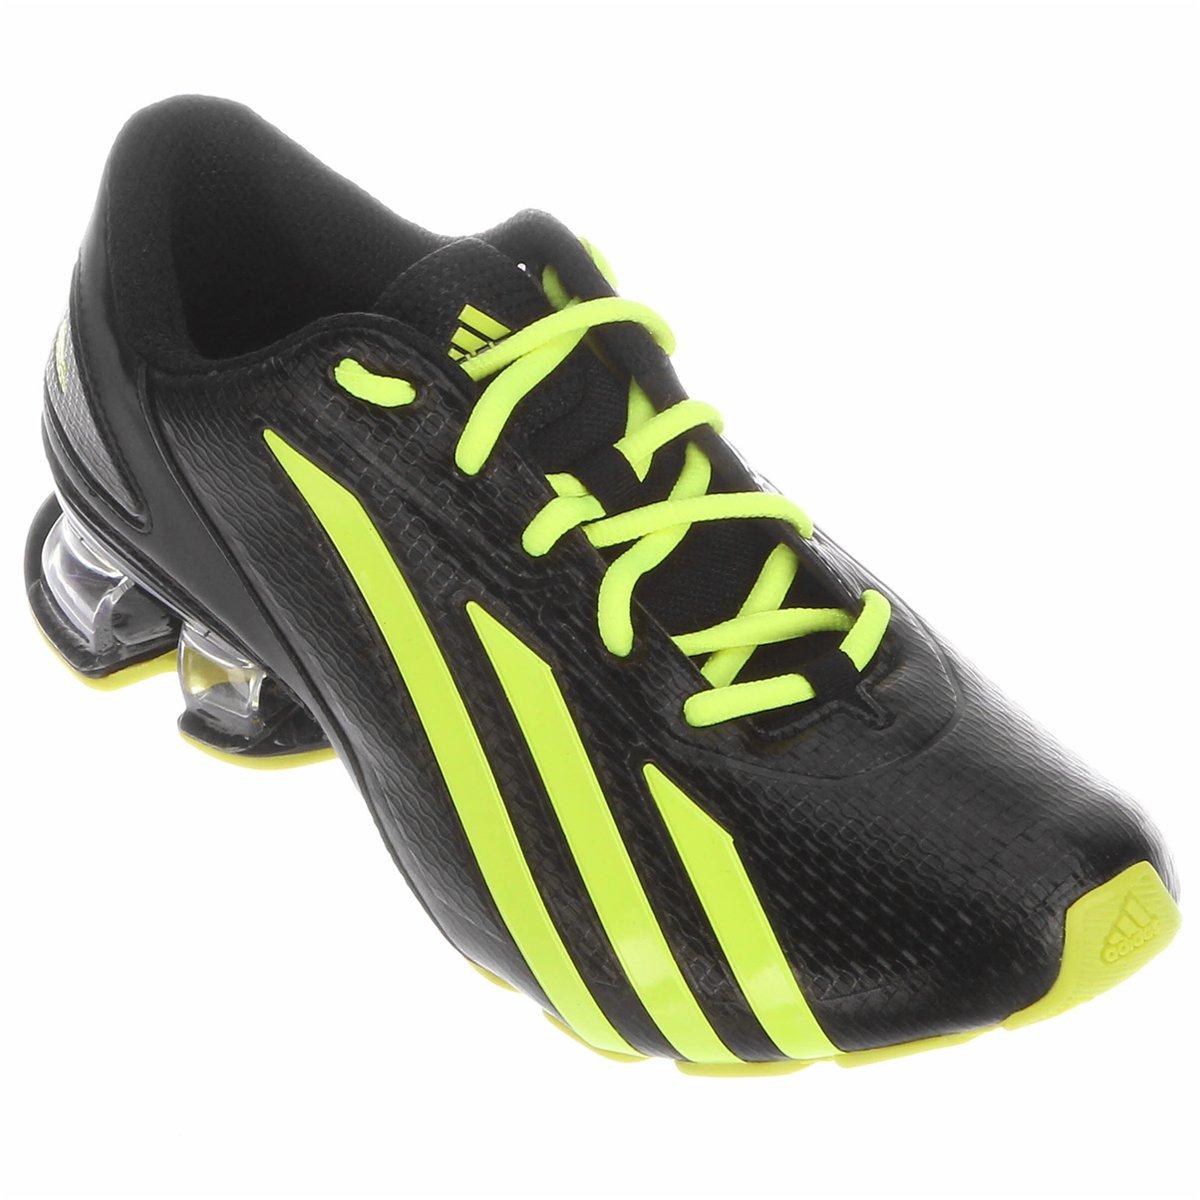 dcd38cb8451 Tênis Adidas Meteor - Compre Agora